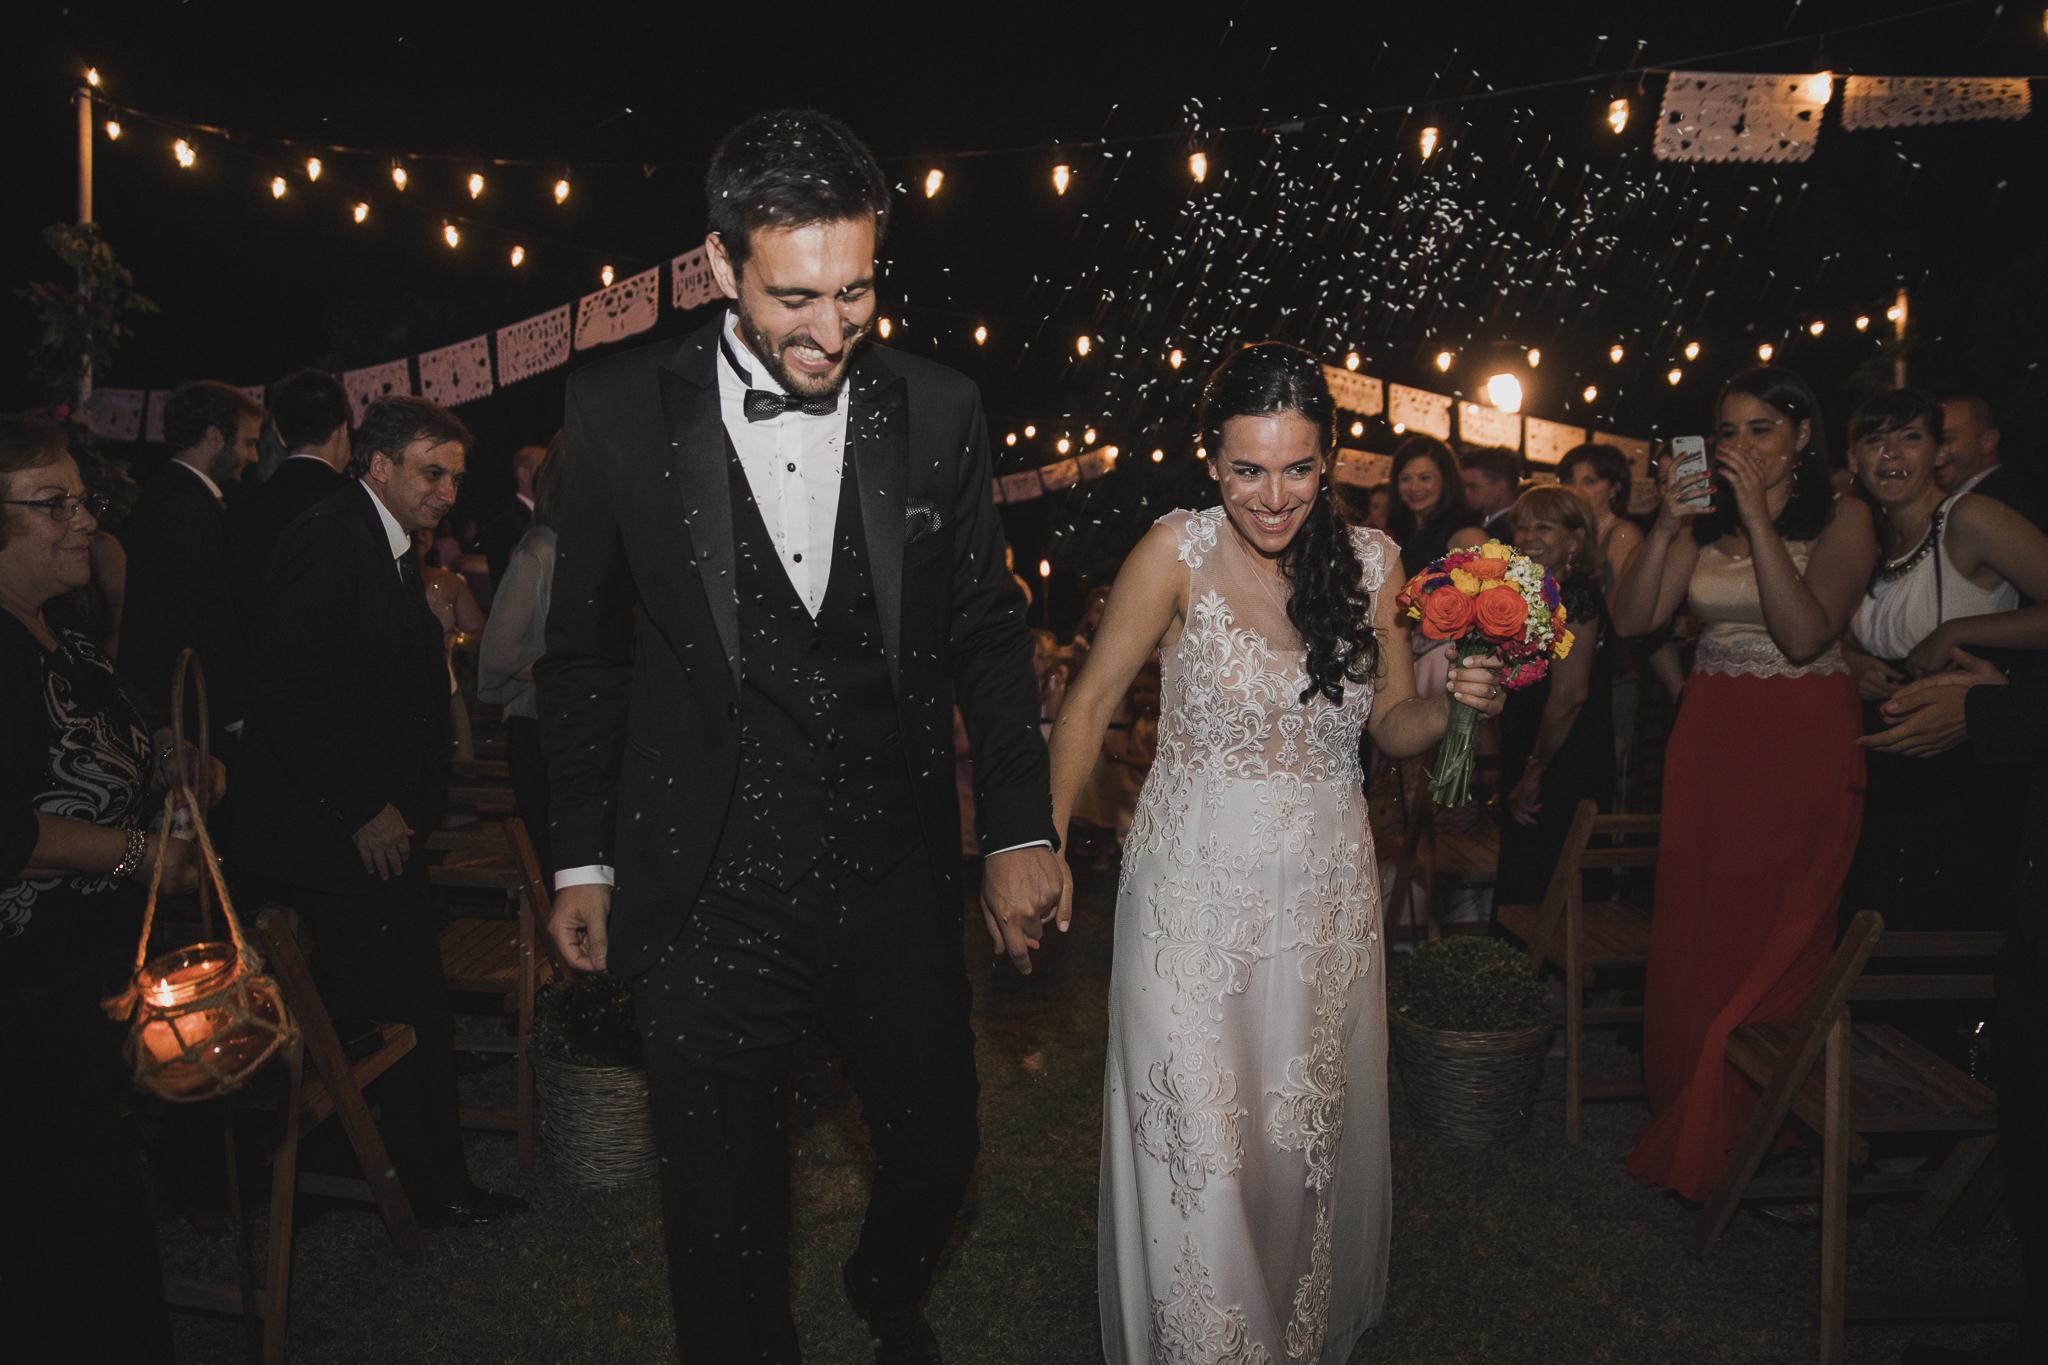 boda en la quinta de arteaga - boda en montevideo - vikyyfabri - mika alvarez